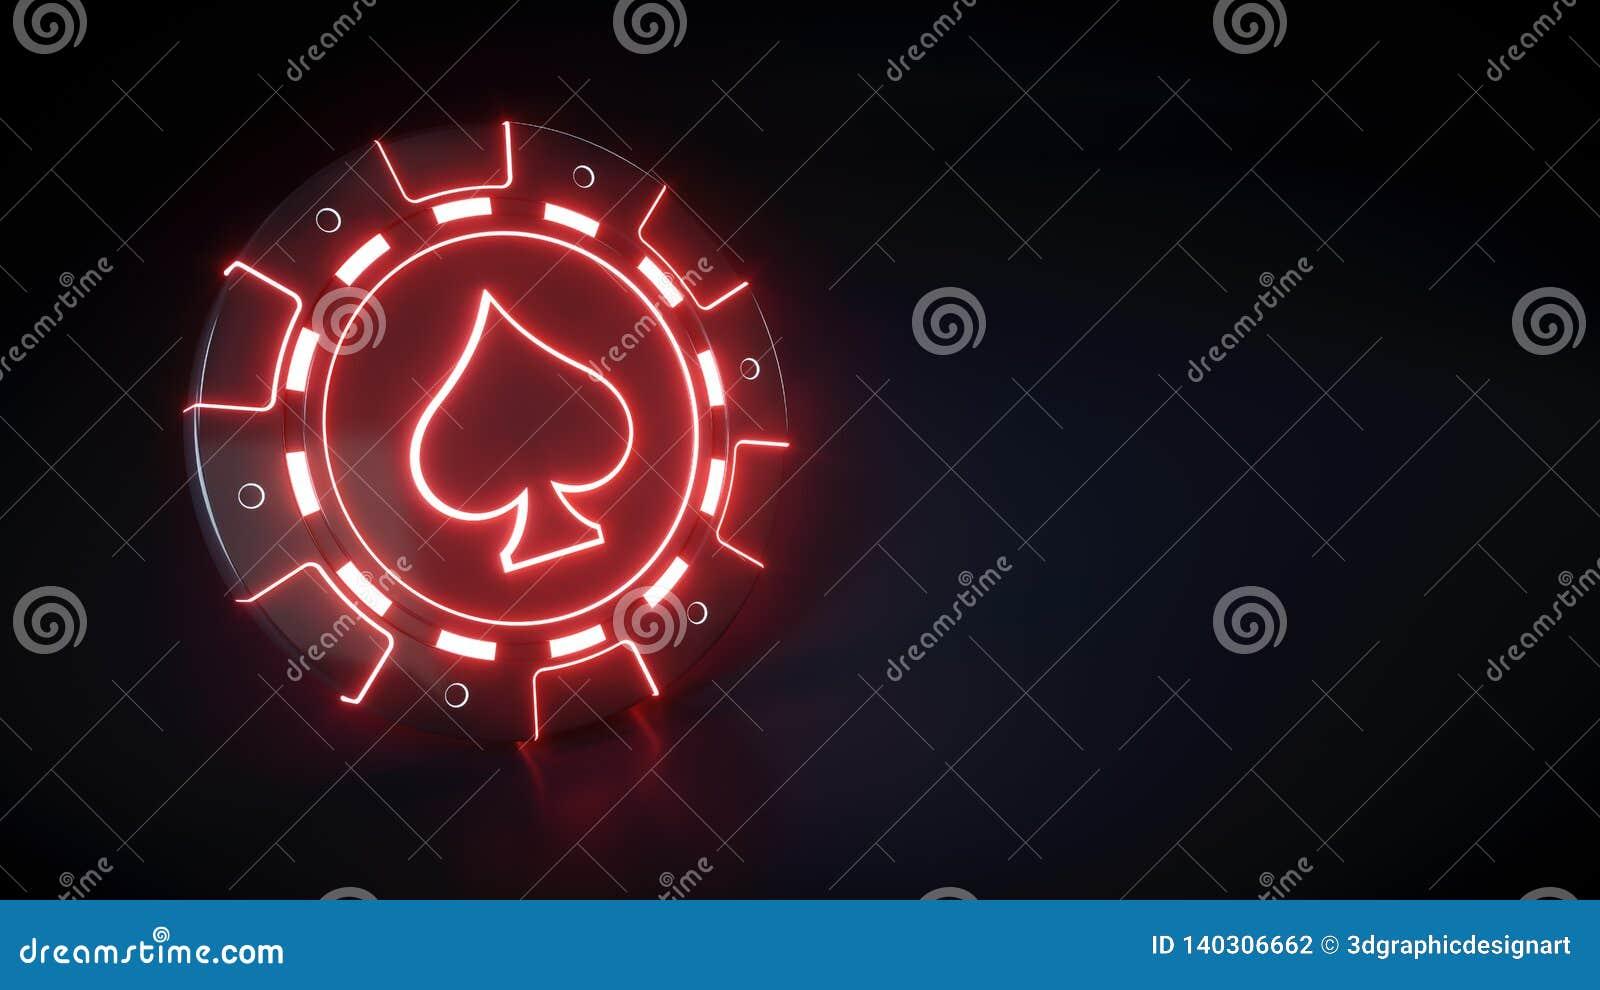 Kasino-Chip mit glühendem rote Licht- und Spatenneonsymbol lokalisiert auf dem schwarzen Hintergrund - Illustration 3D